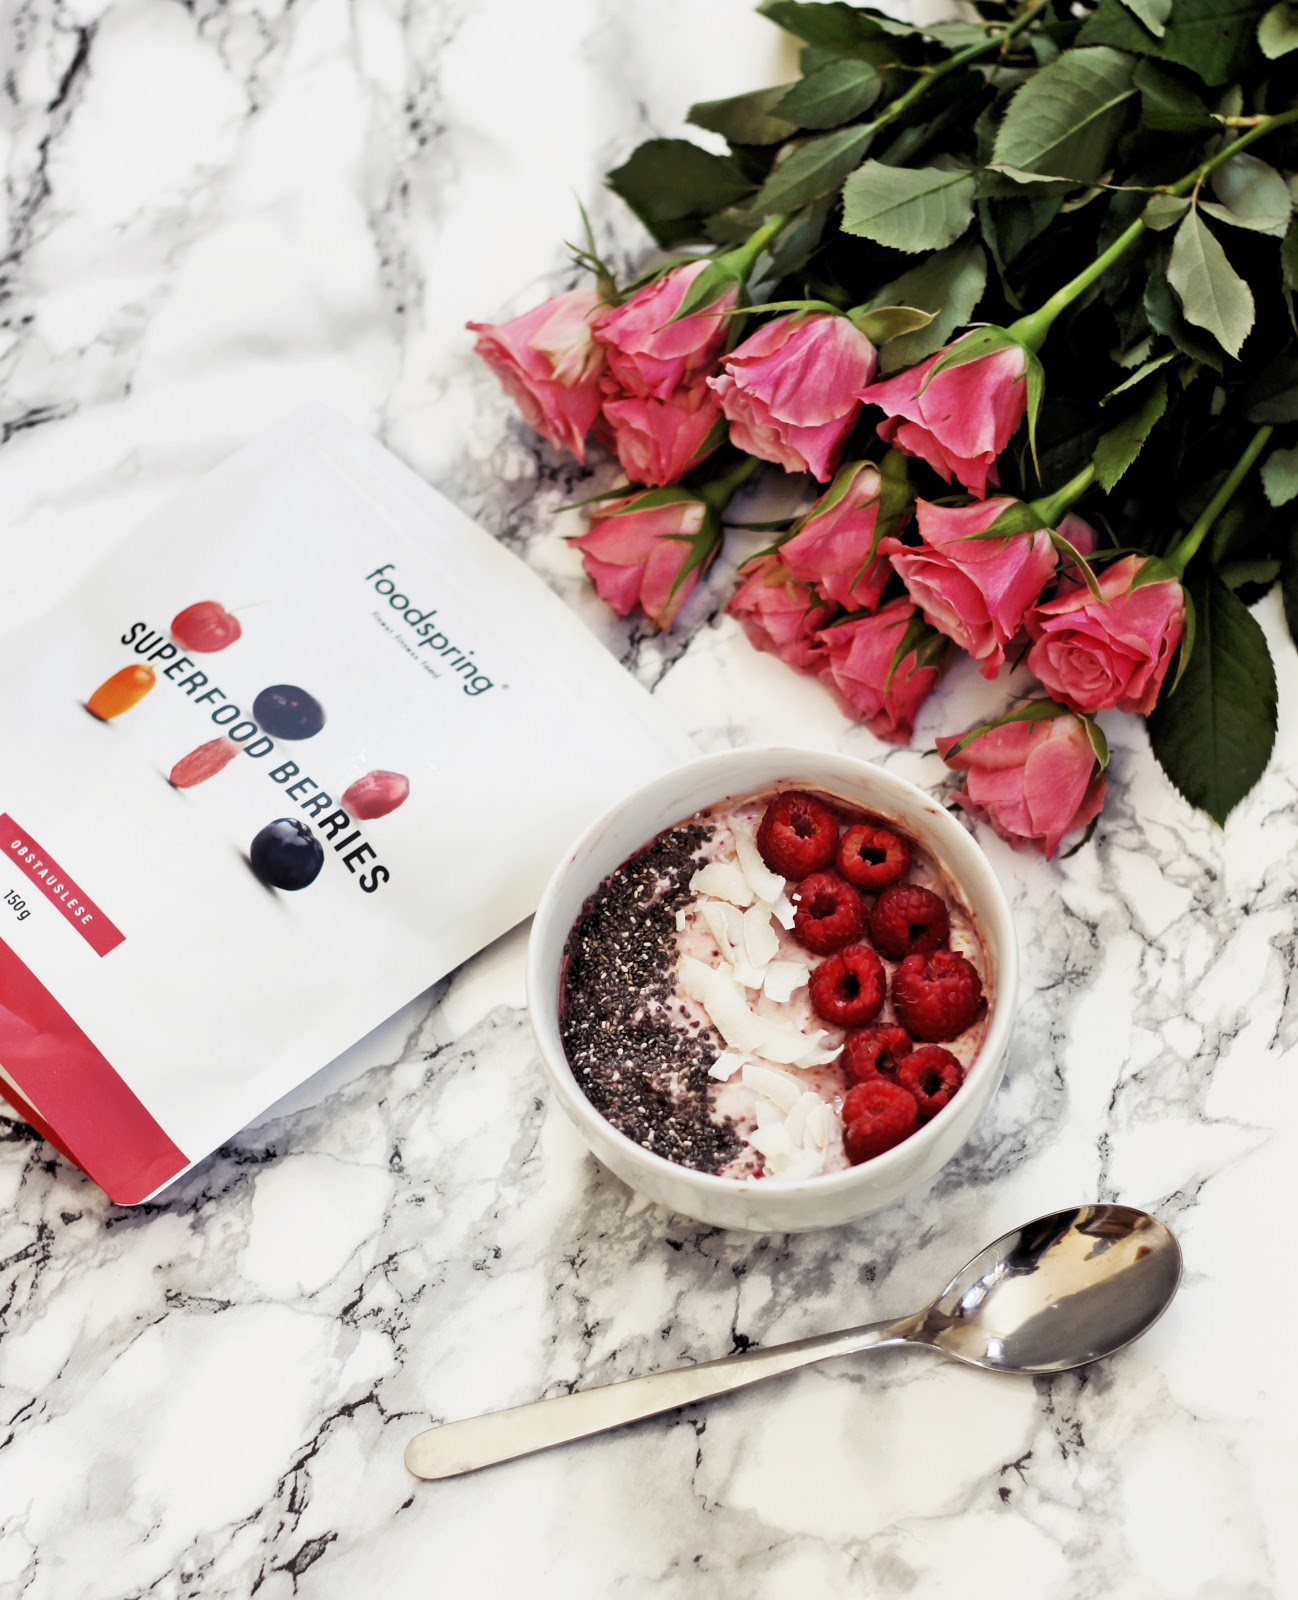 Superfood Frühstücksbowl mit Himbeeren, Chiasamen und Kokoschips, gesunde und leckere Frühstücksideen